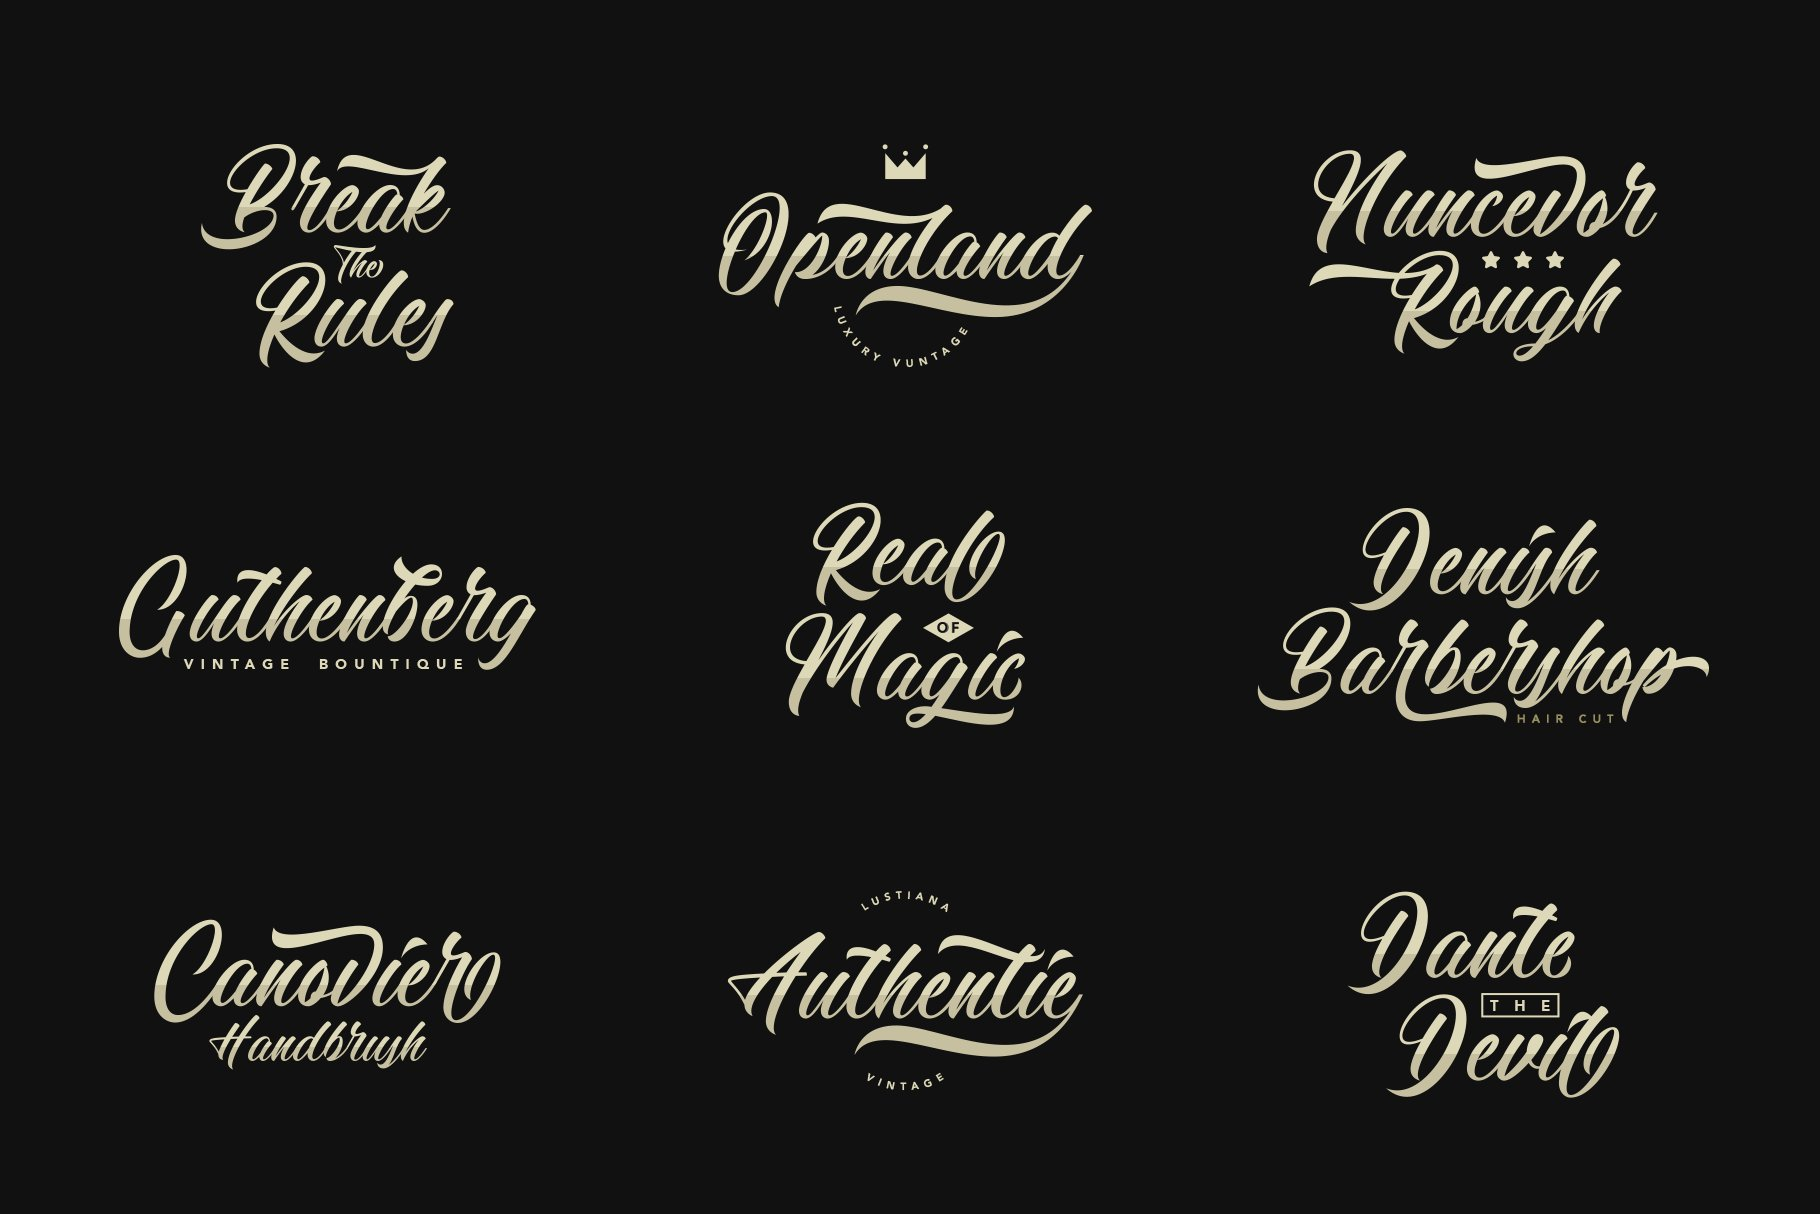 复古优雅品牌徽标Logo海报标题手绘英文字体素材 Calingham Font插图7